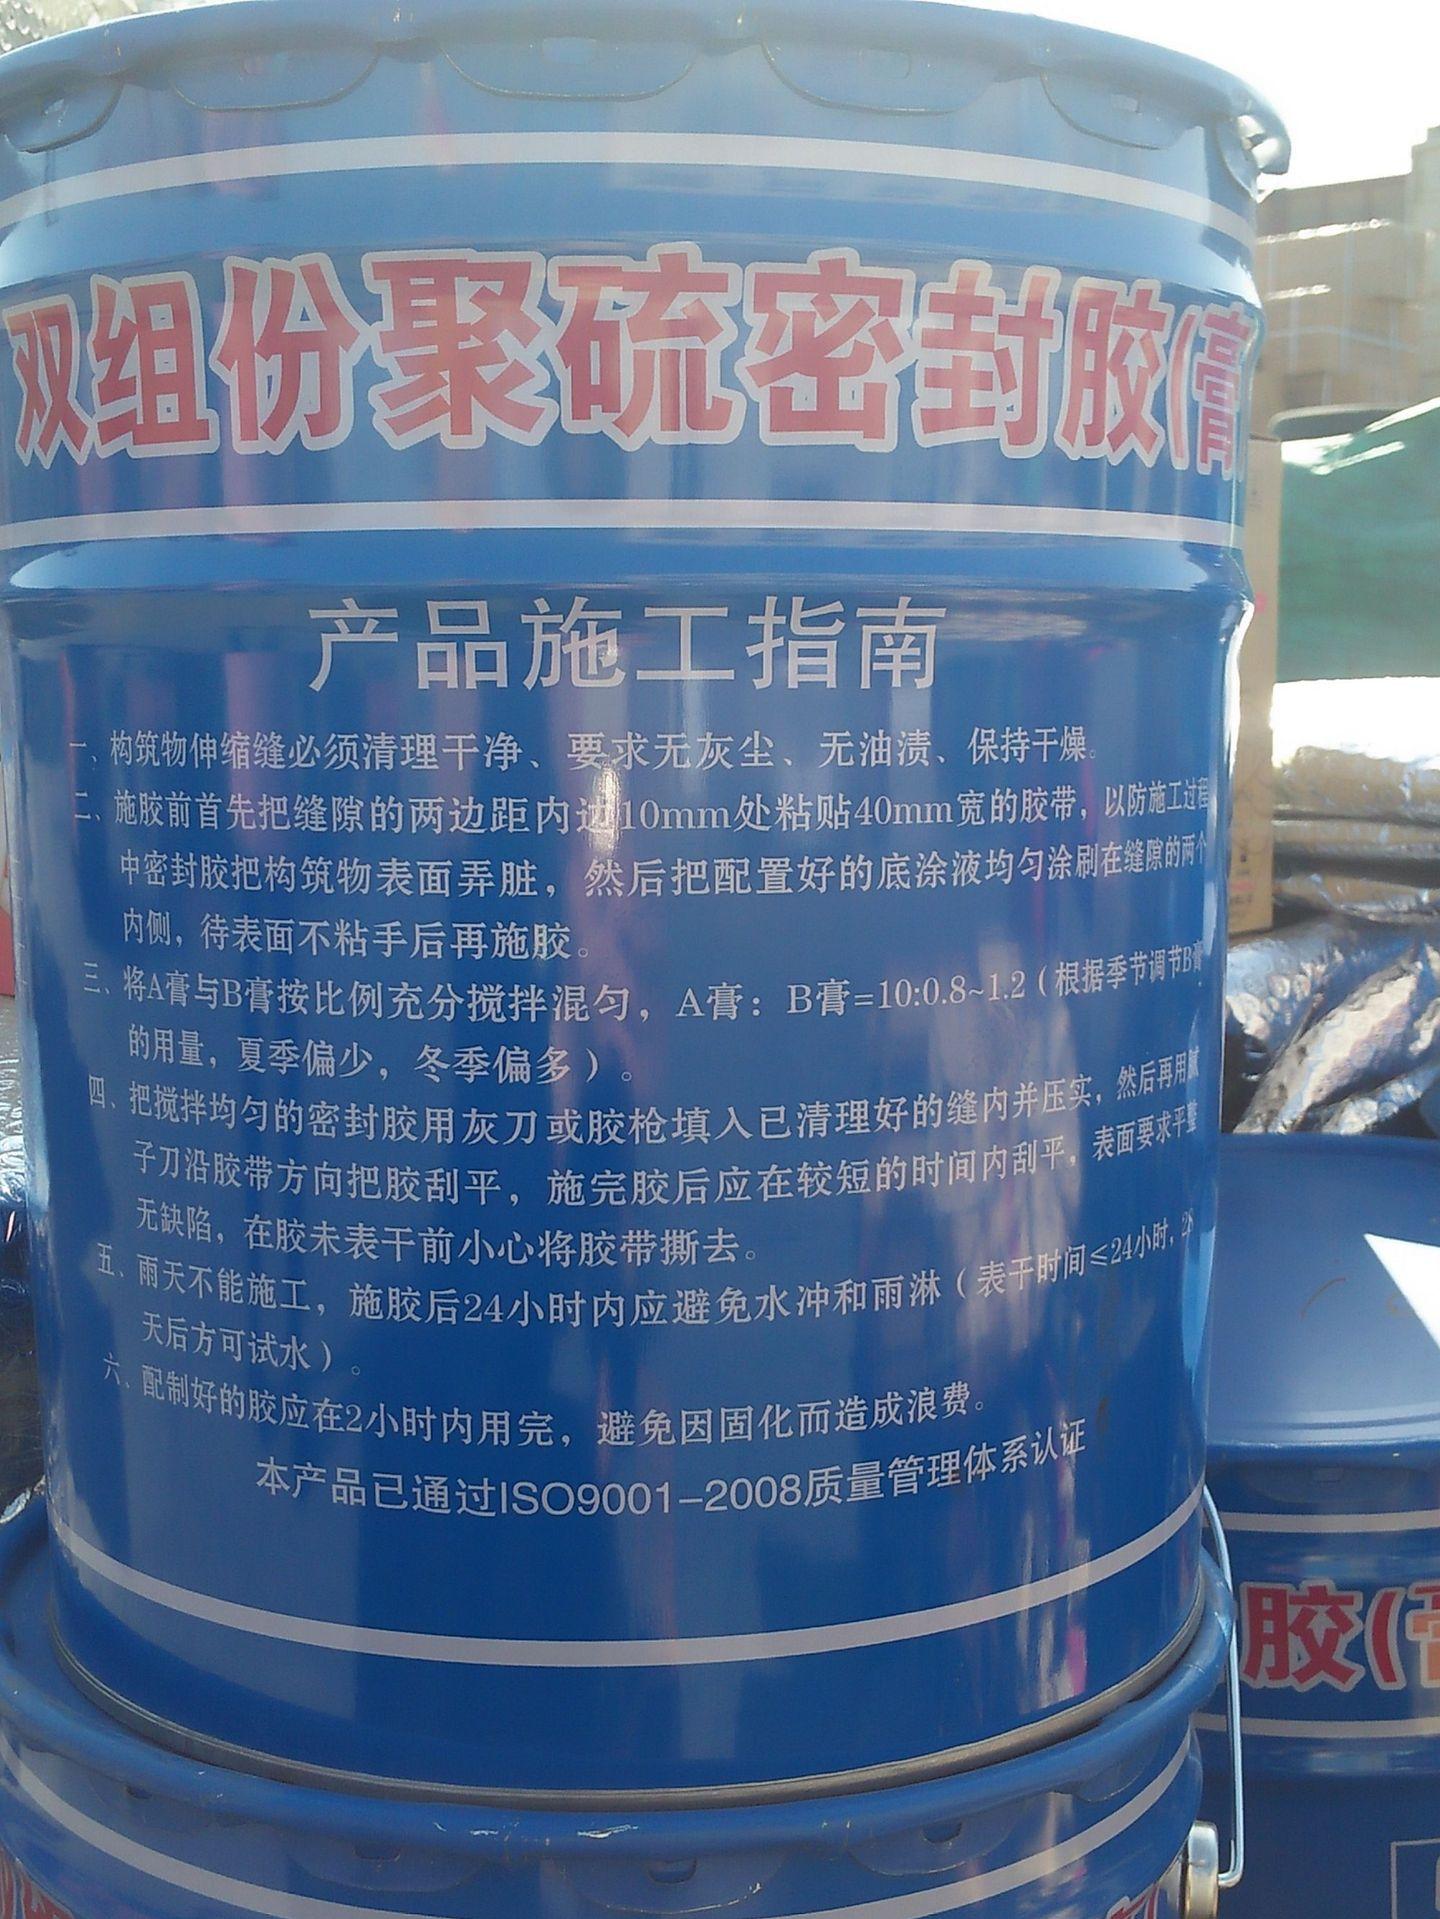 河北衡水厂家现货供应双组份聚氨酯密封胶,聚硫密封胶,质优价廉